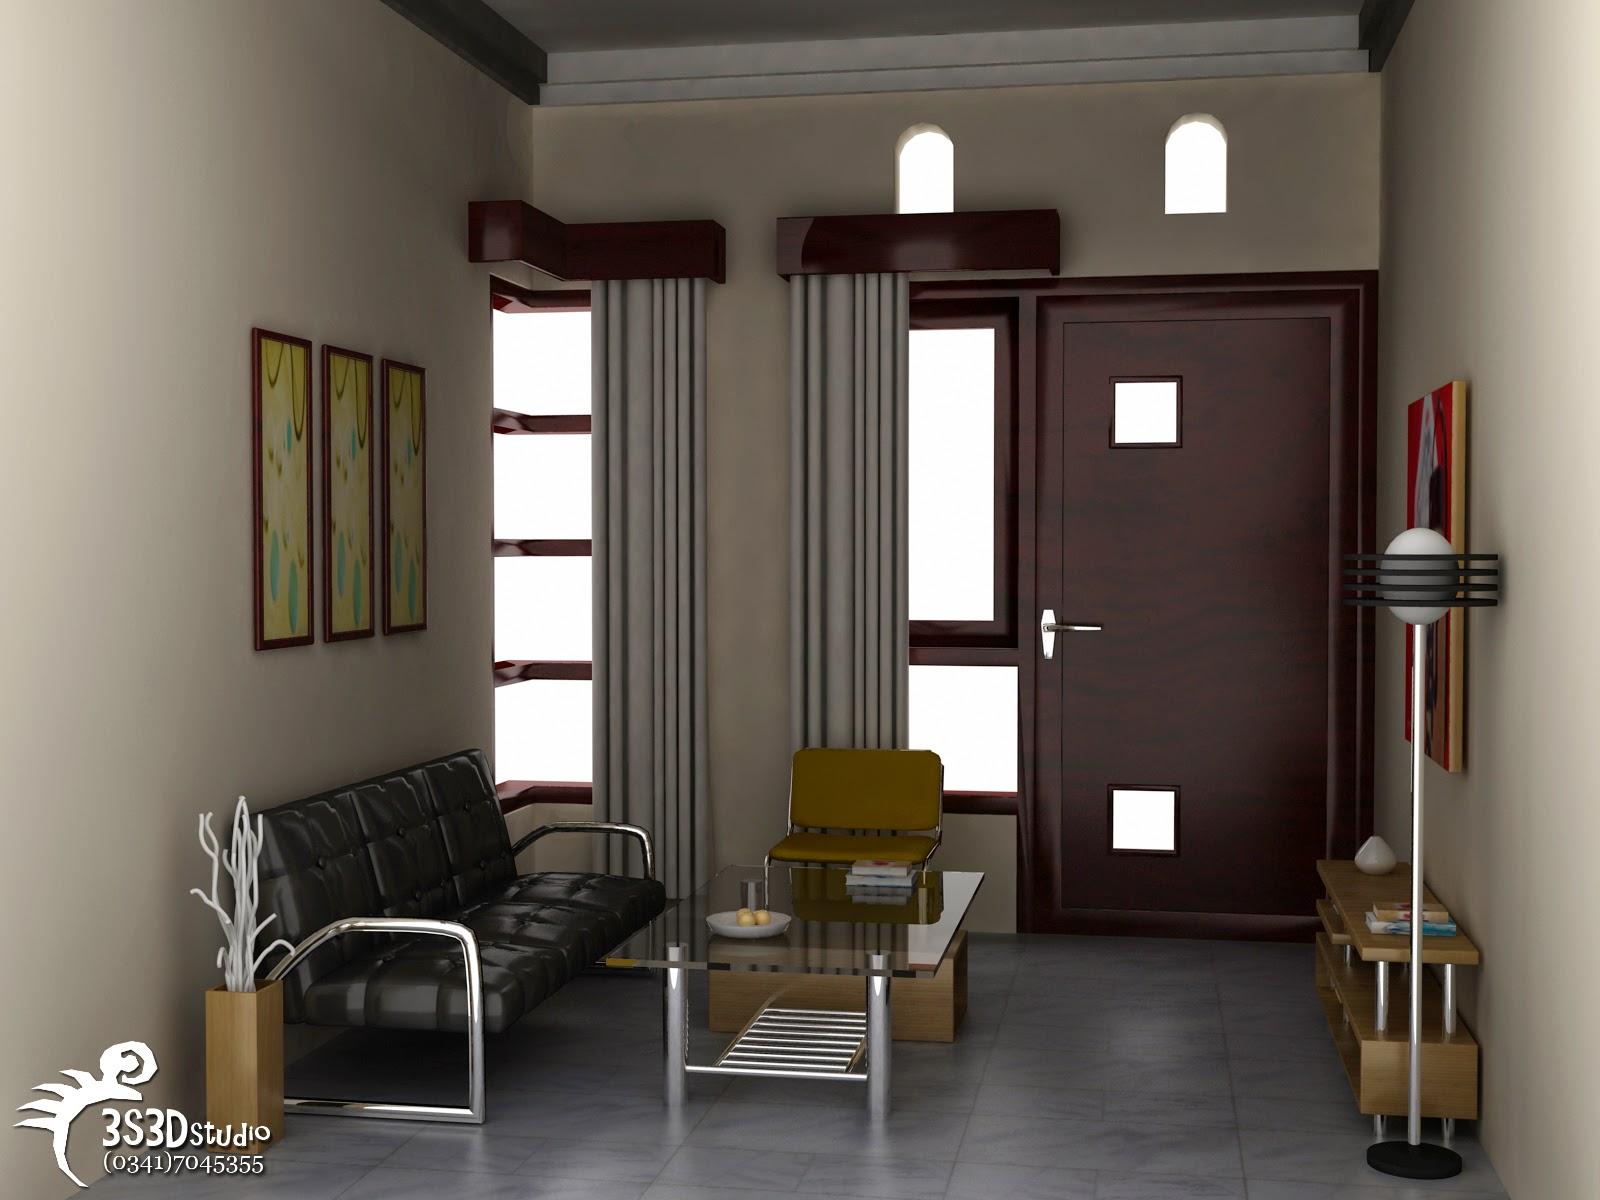 28 gambar design interior rumah sederhana - Gambar interior design ...